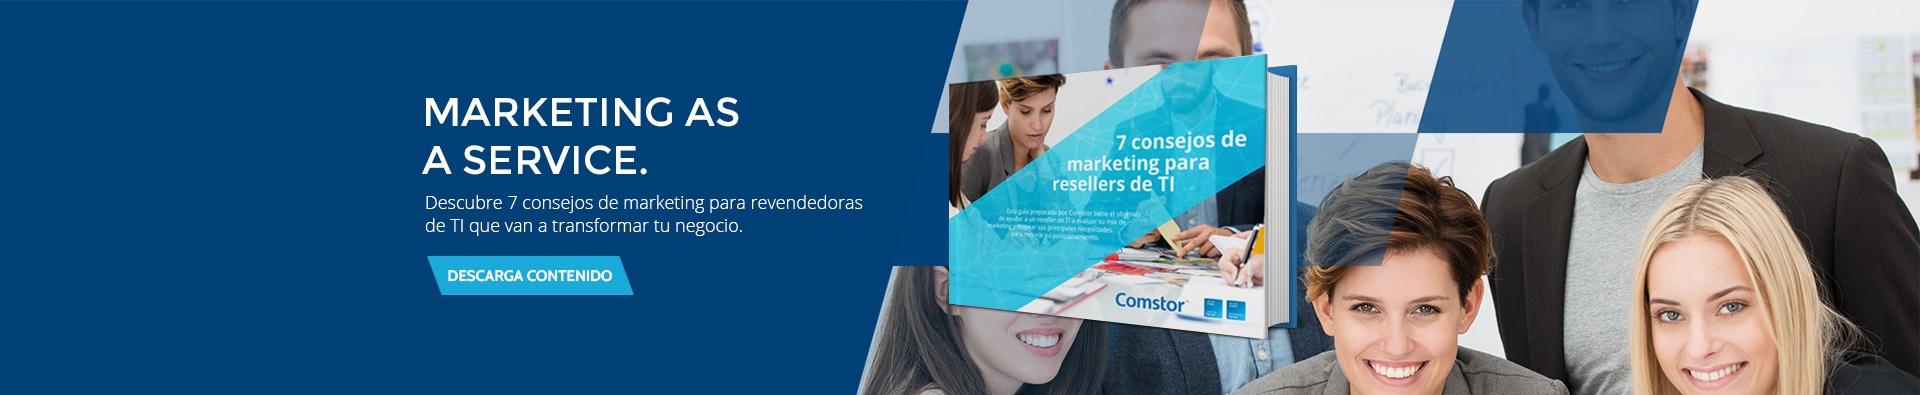 mainbanner-7-consejos-de-marketing-para-resellers-de-ti.jpg